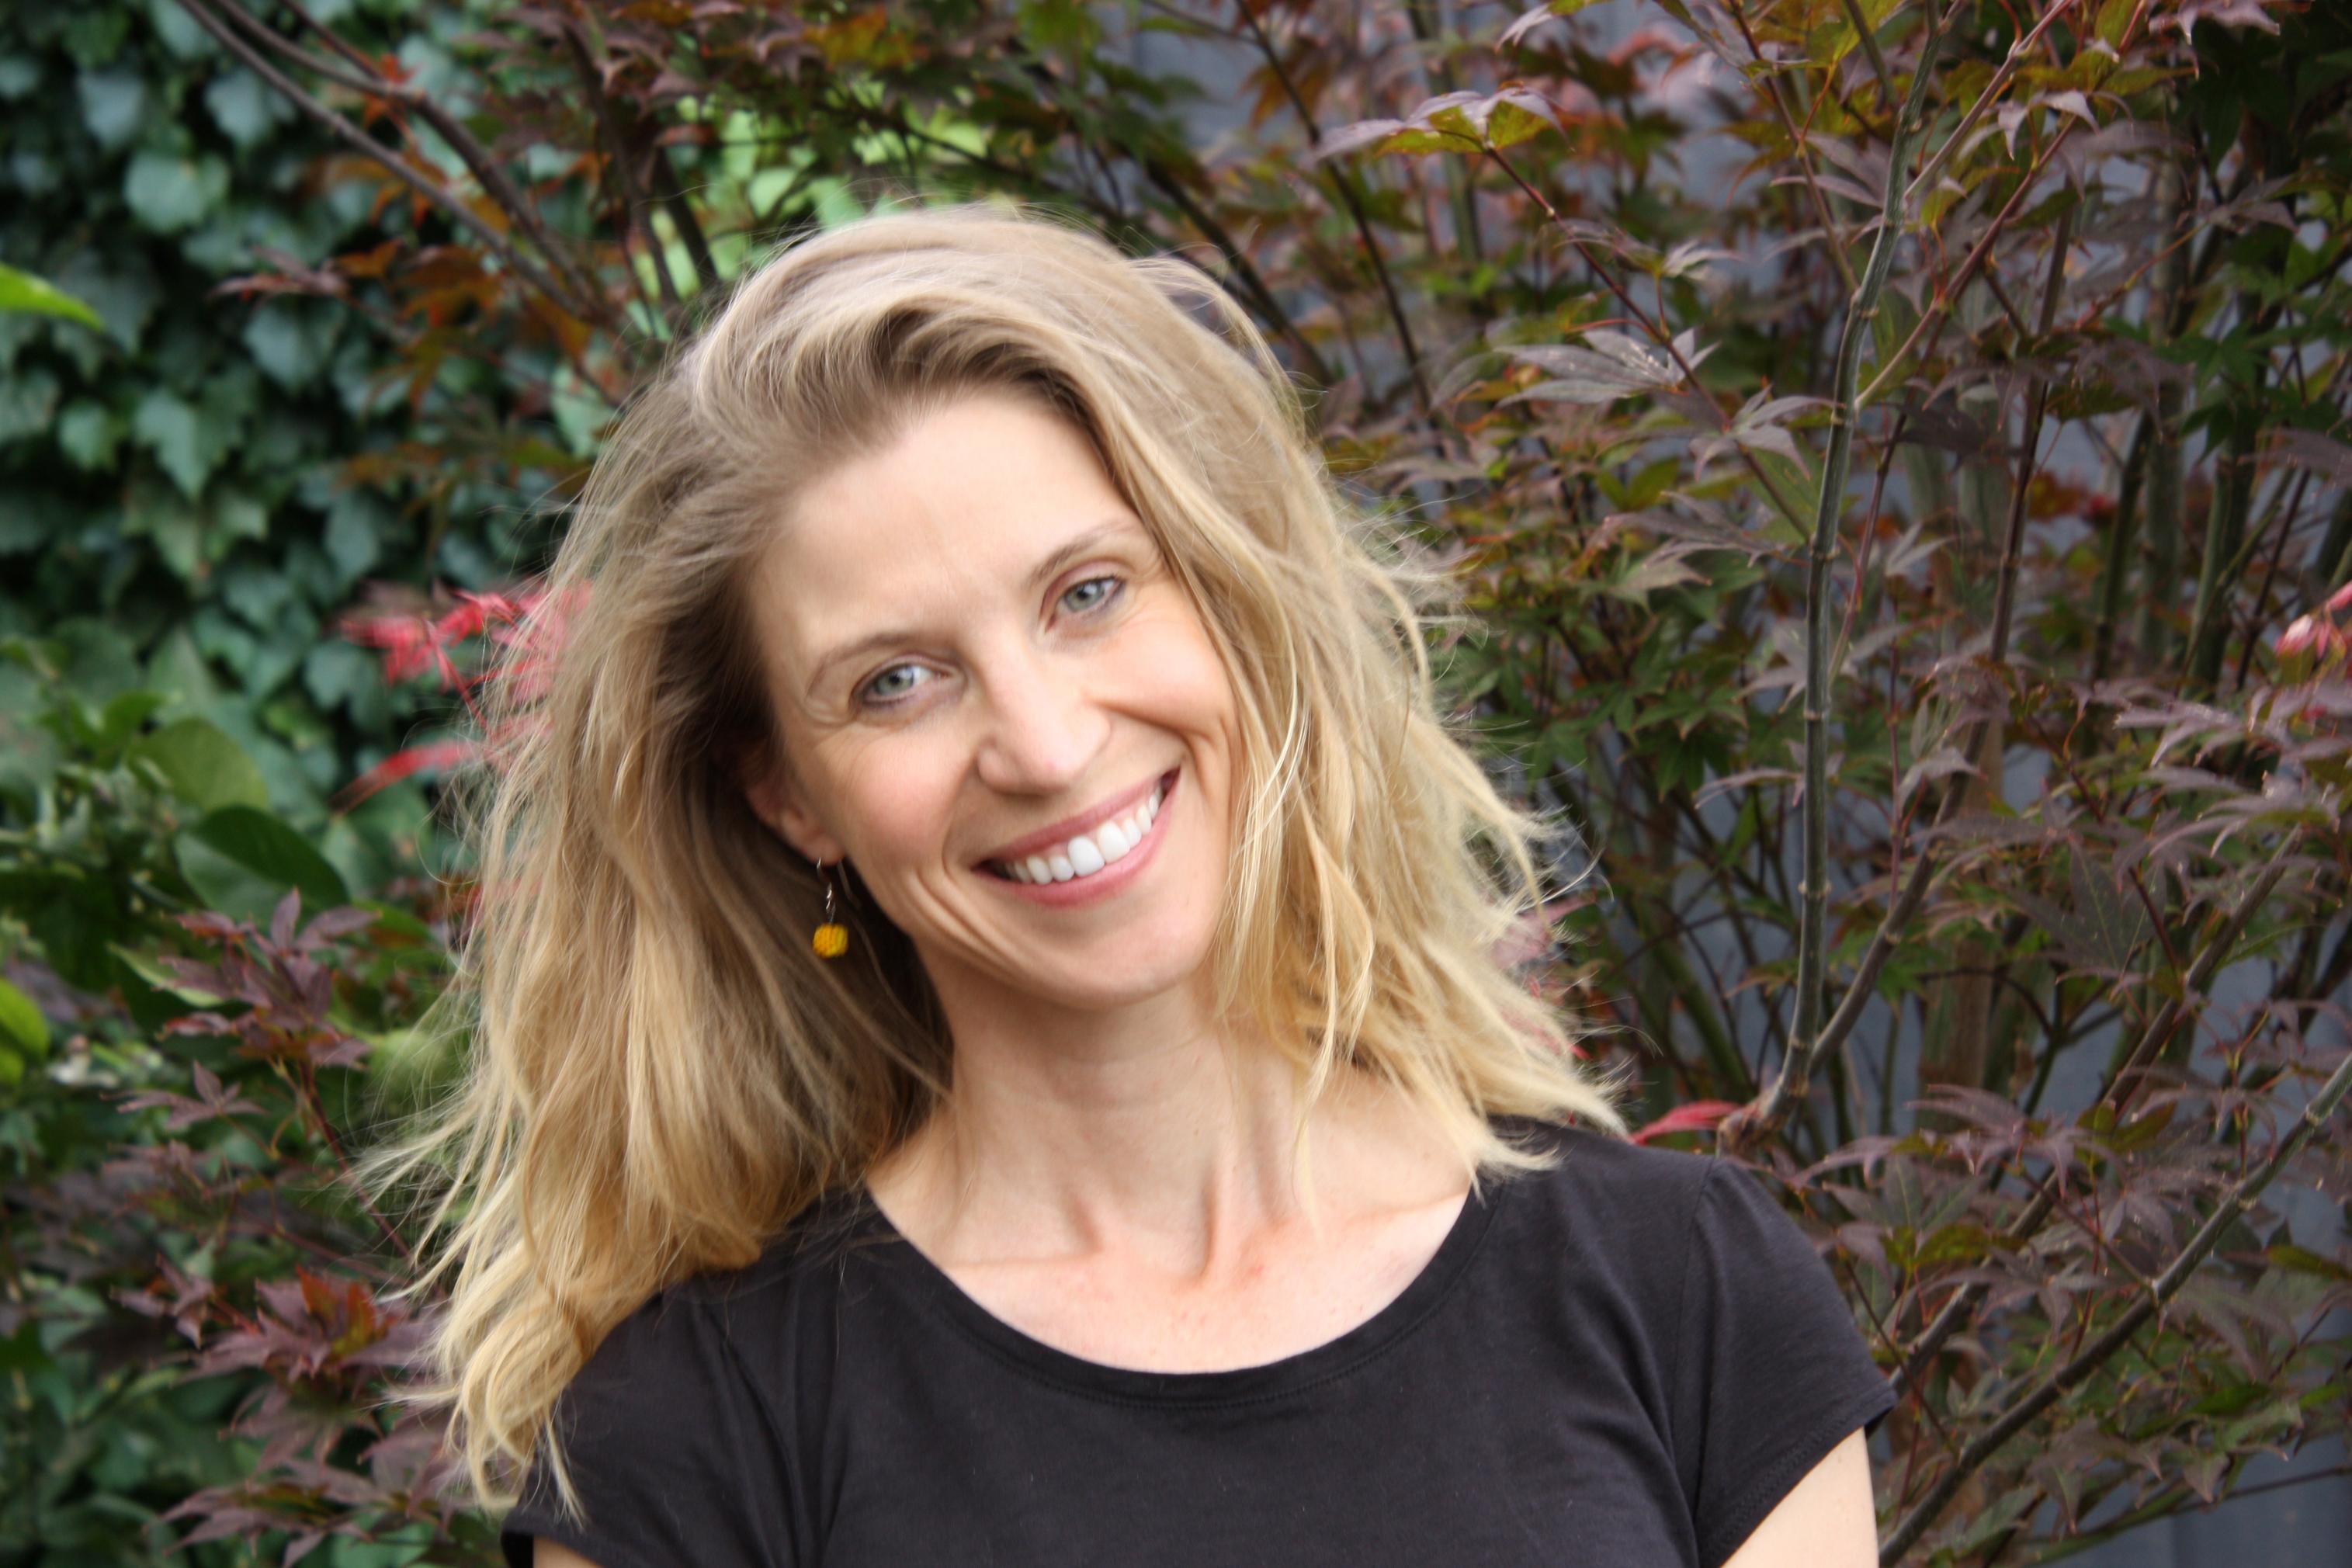 Sandi Scaunich